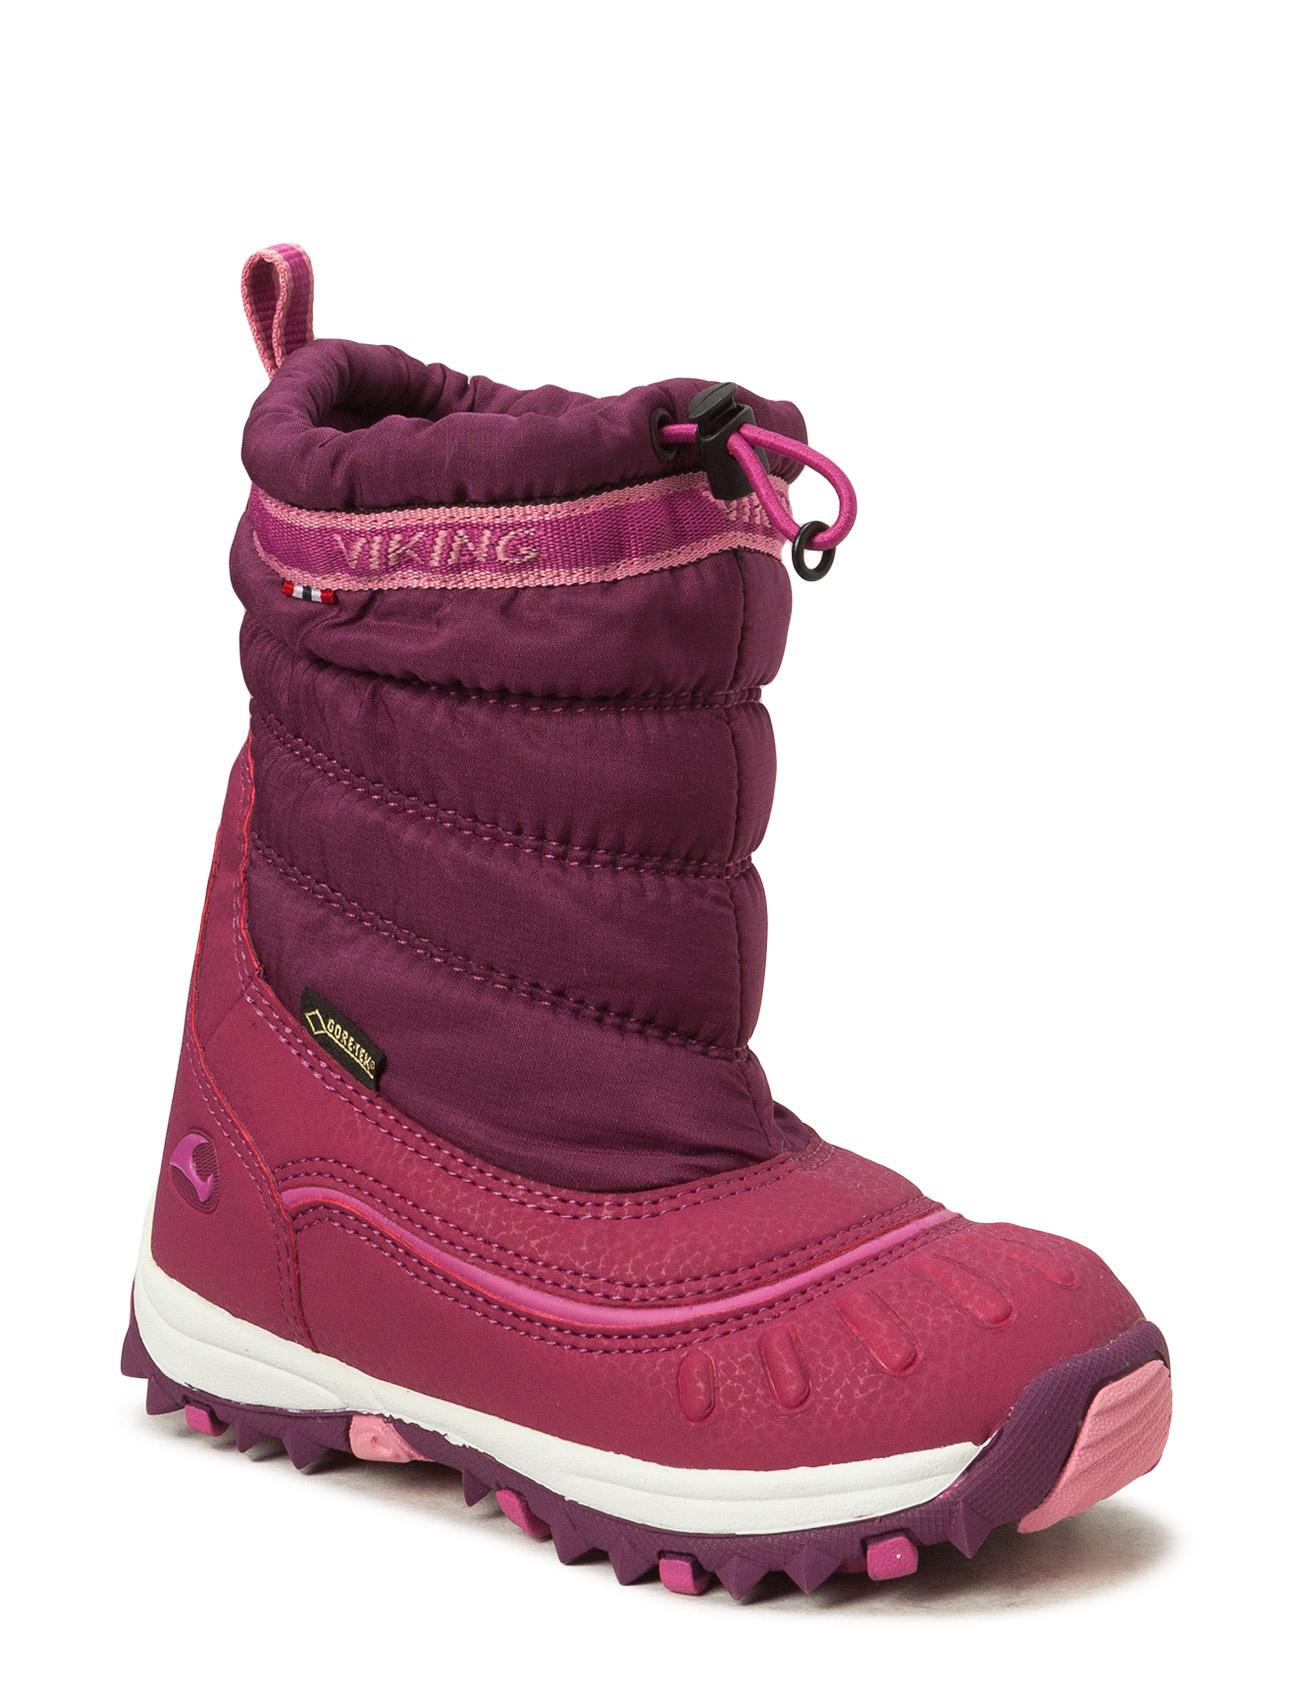 Windchill Gtx Viking Støvler til Børn i Blomme